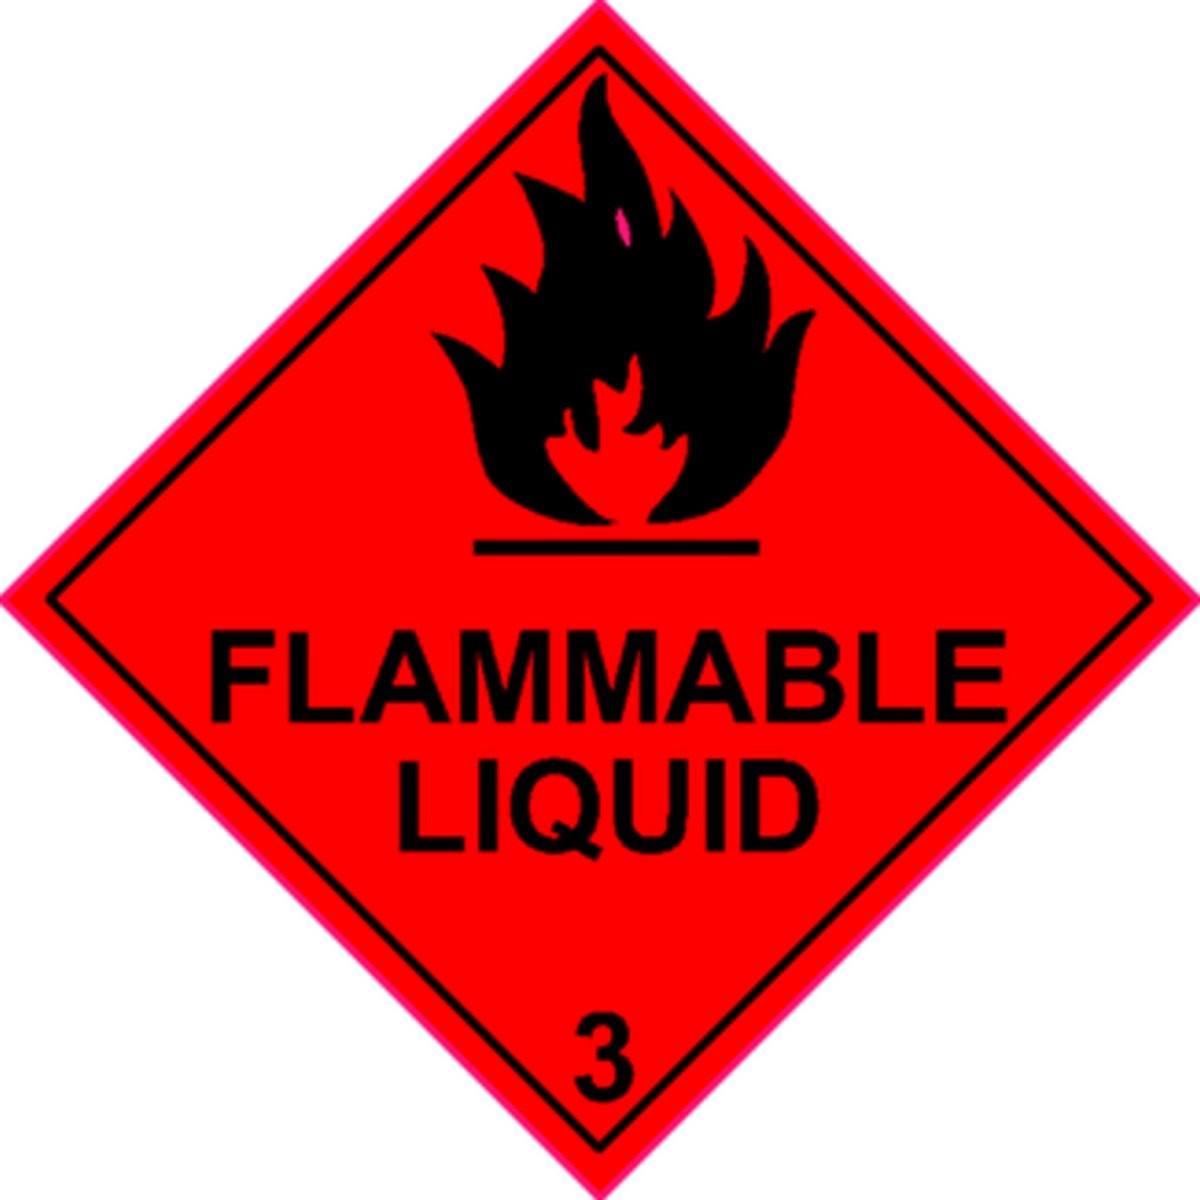 Etiquette Flammable Liquid Classe 3 en anglais